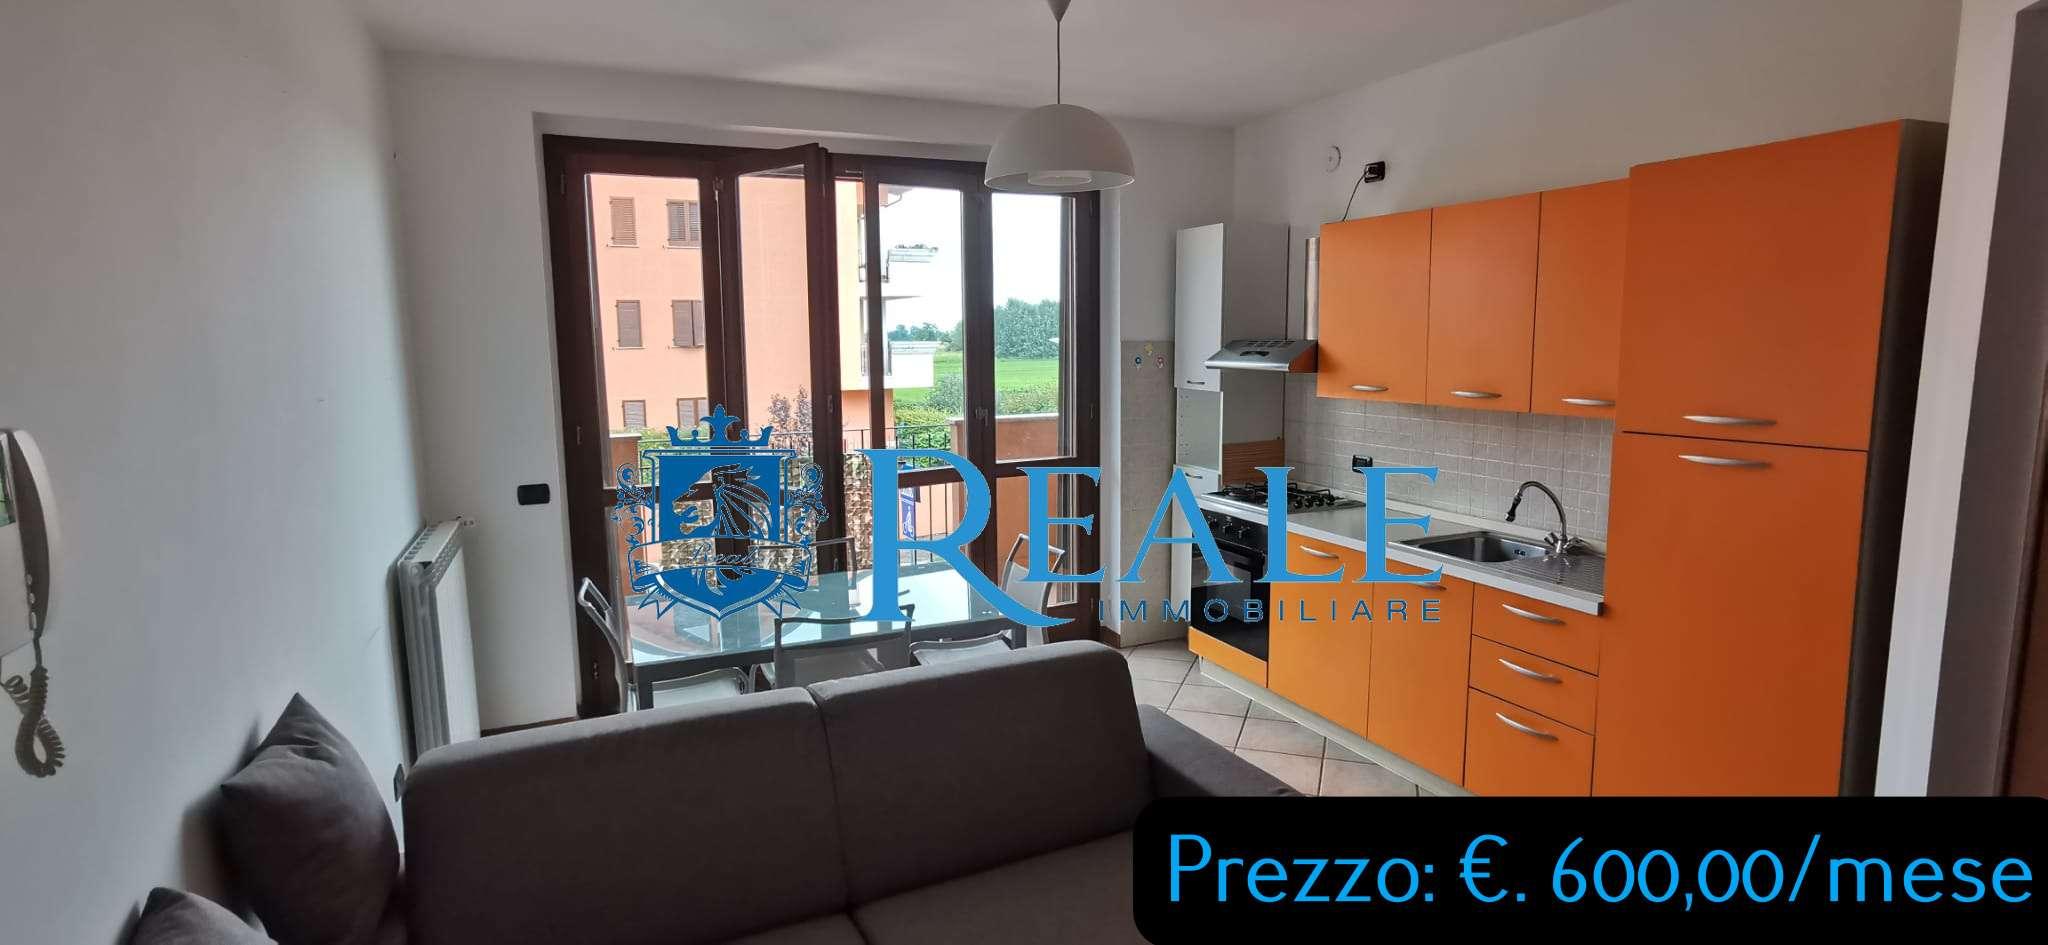 Appartamento in affitto a Vermezzo, 2 locali, prezzo € 600 | PortaleAgenzieImmobiliari.it